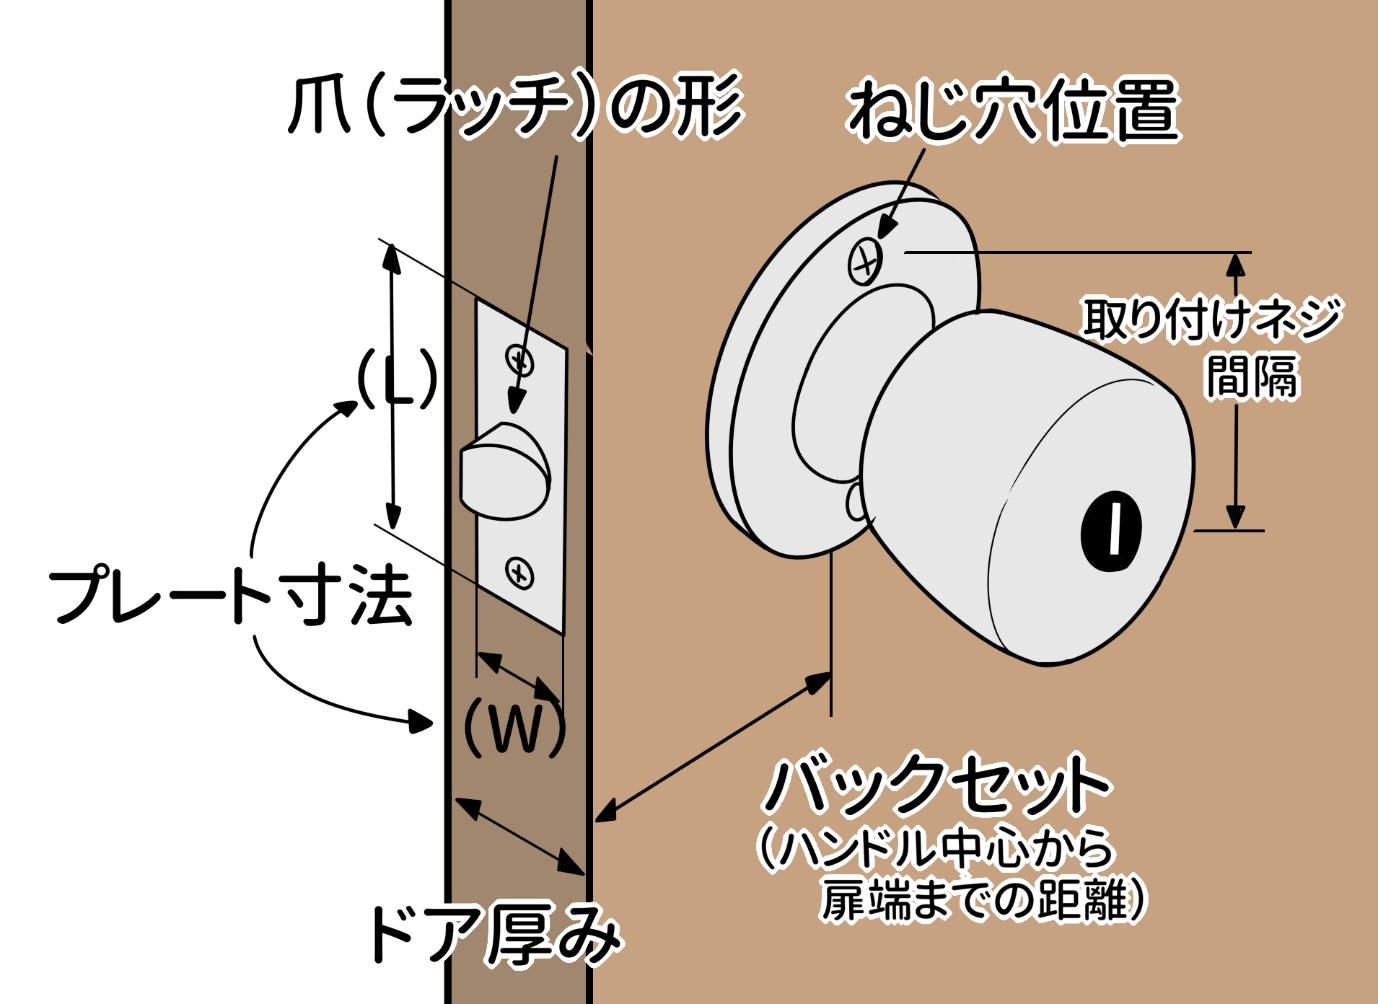 ・ドアの厚み